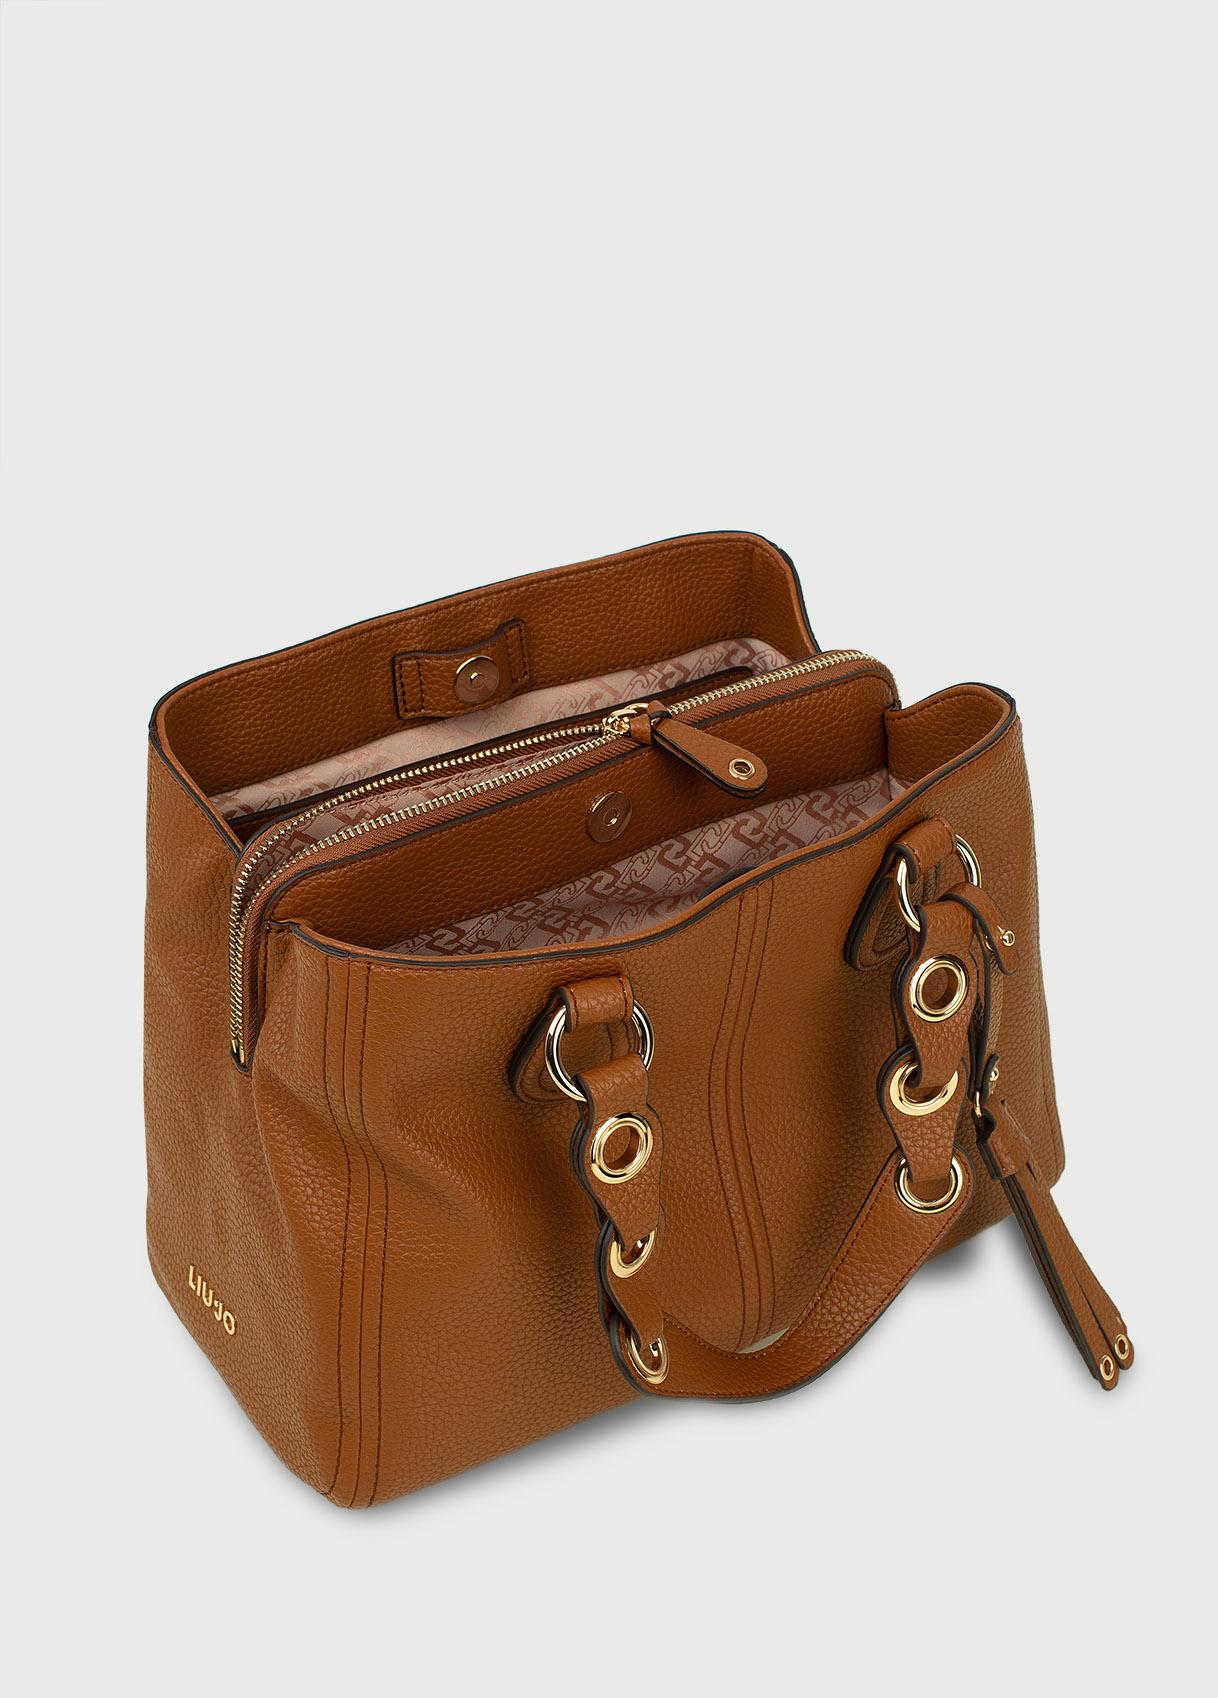 8053473202671-Bags-Handbags-AF0060E0058X0282-S-AE-B-07-N